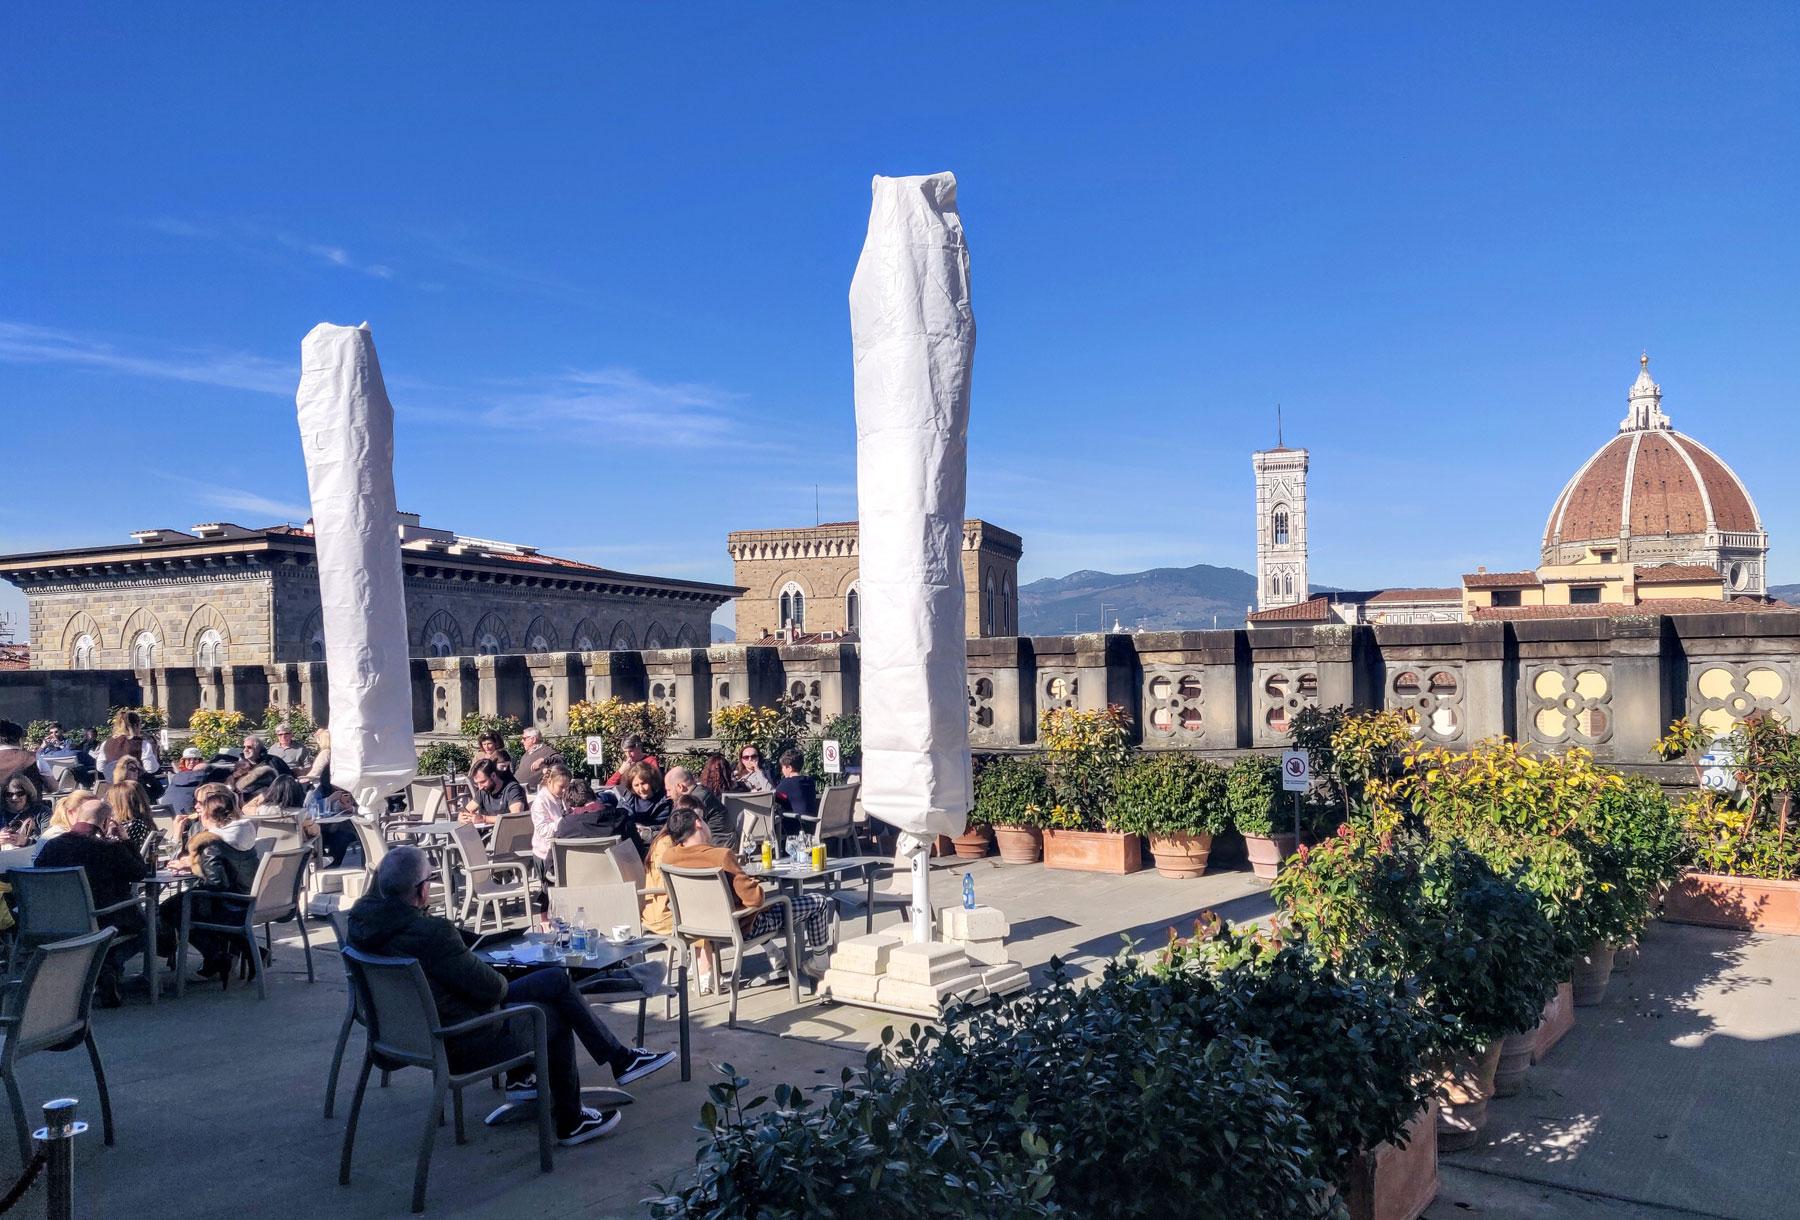 Uffizi, terminati i lavori alla terrazza panoramica. Dopo mezzo secolo rinnovata la pavimentazione in pietra serena